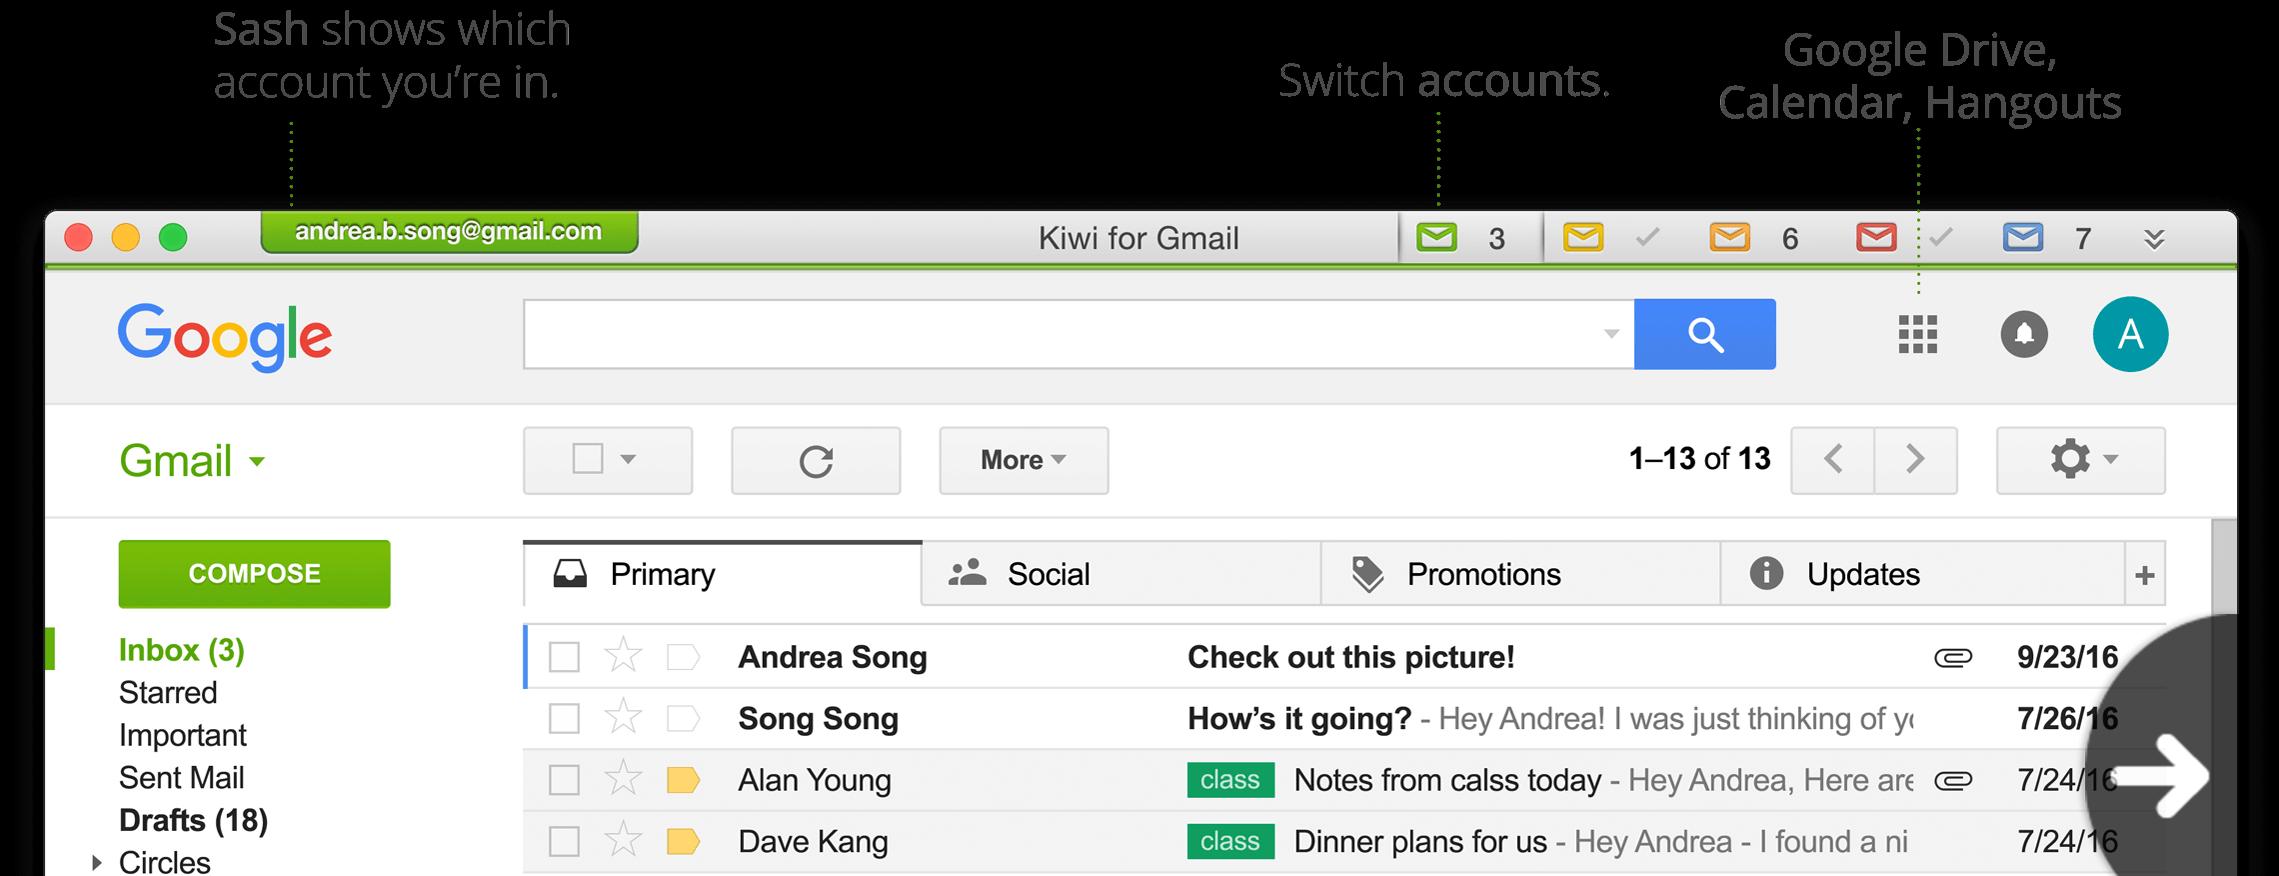 kiwi-for-gmail-inbox